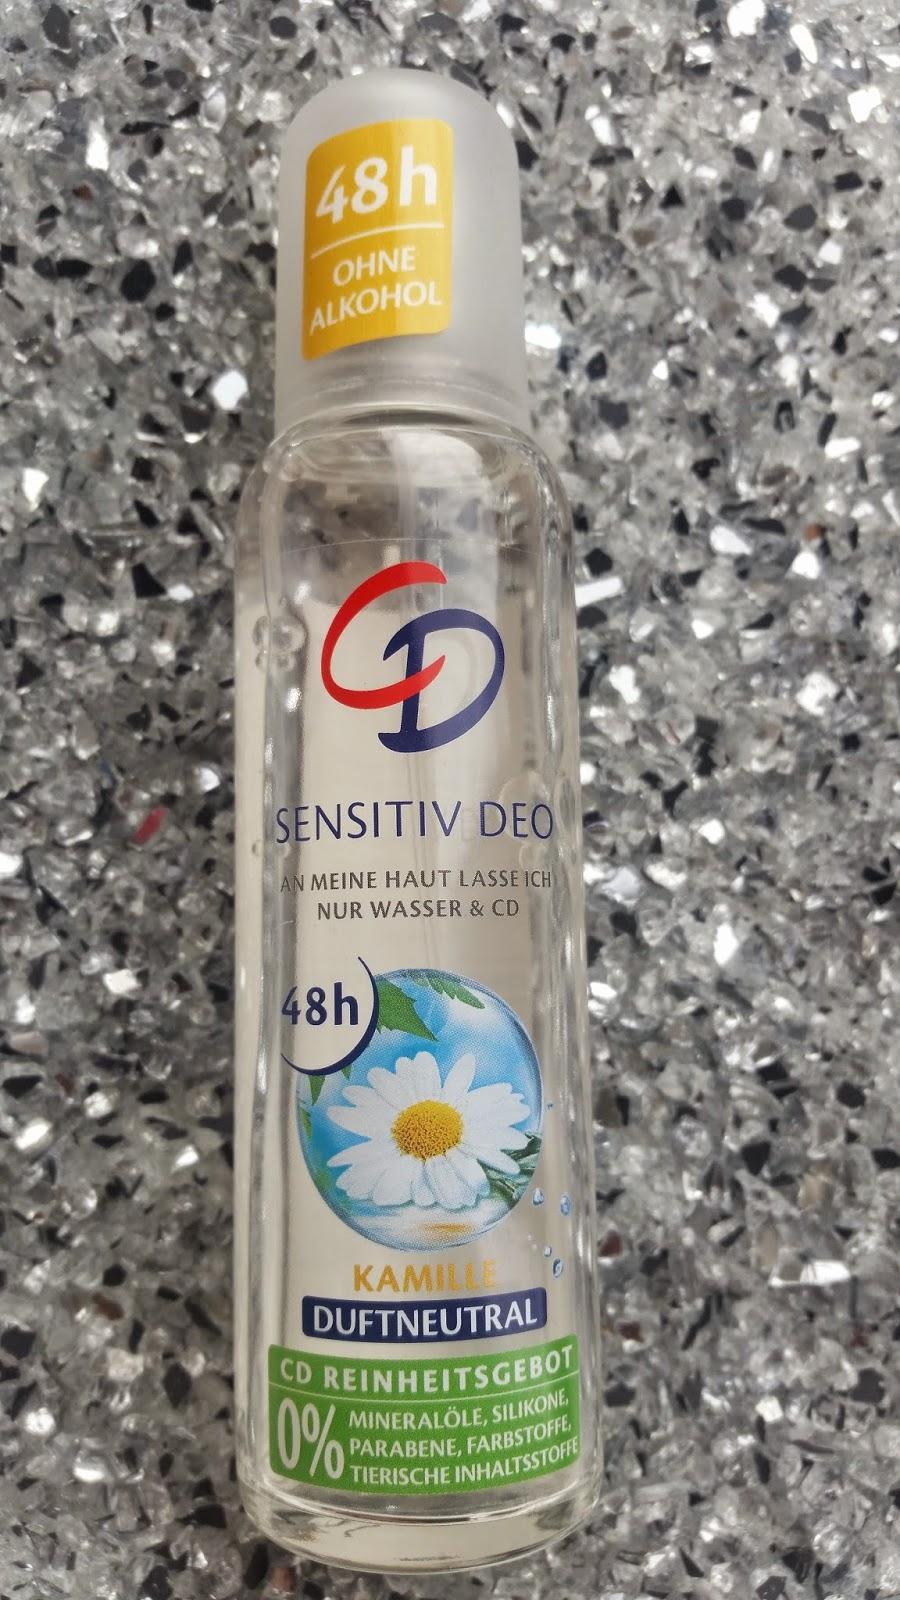 Sensitiv Deo mit Kamille von CD - 10 Deos - OHNE Aluminium - www.annitschkasblog.de